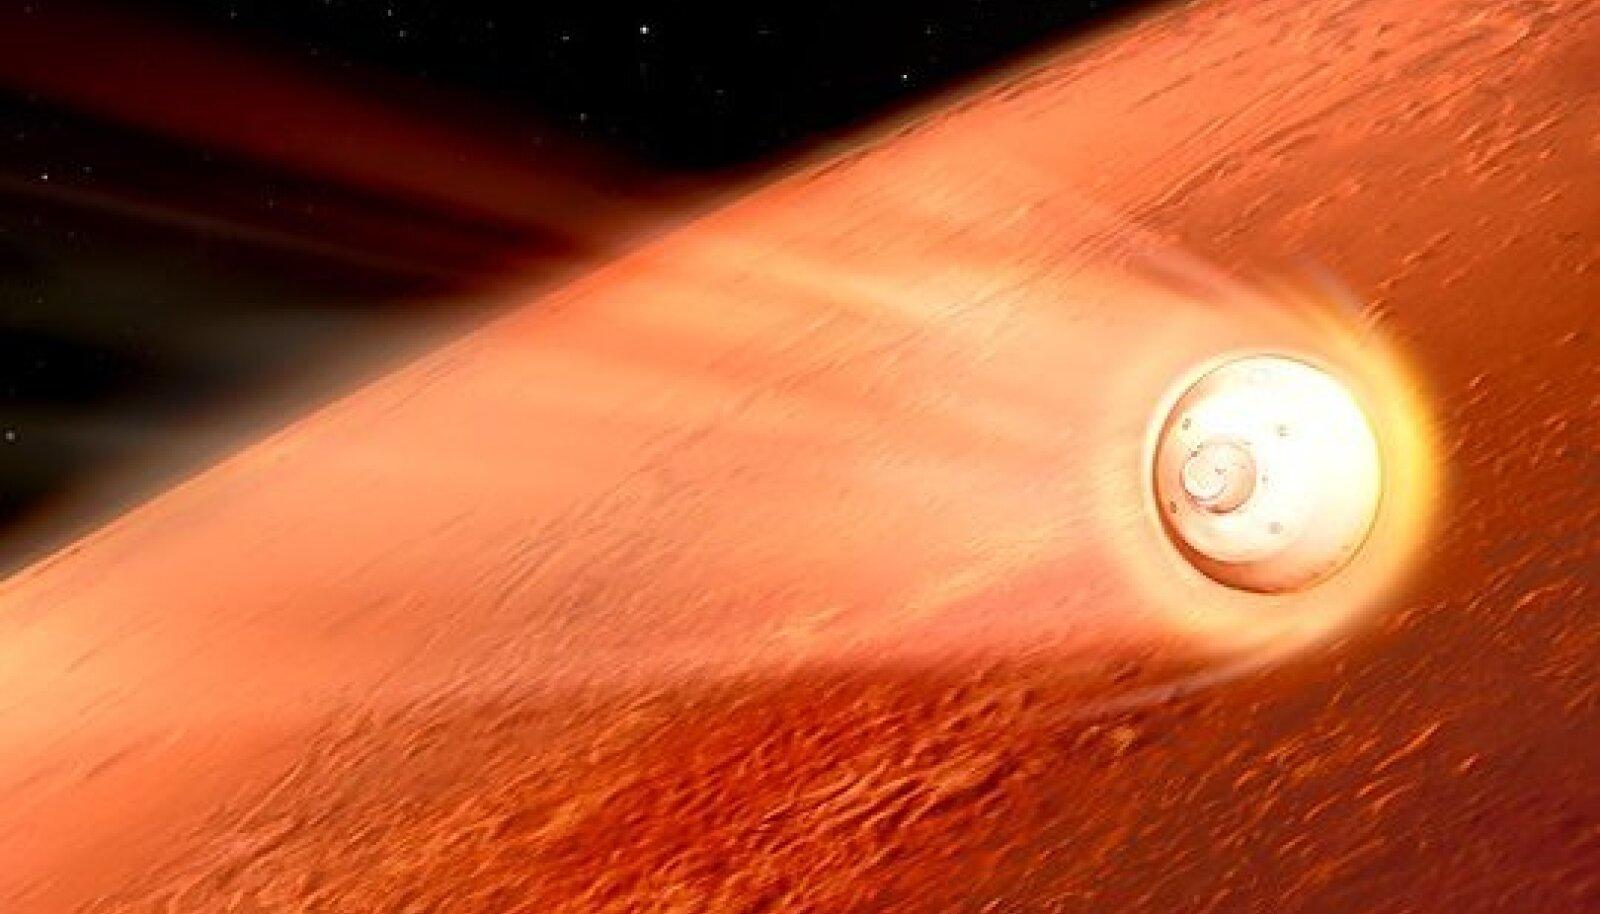 Kunstniku nägemus sellest, kuidas Marsi atmosfääri jõudnud kosmosesõiduk pidurdab, et selle pardal viibiv kulgur Perseverance ikka kenasti Marsile jõuaks (Foto: Wikimedia Commons / NASA, JPL-Caltech)